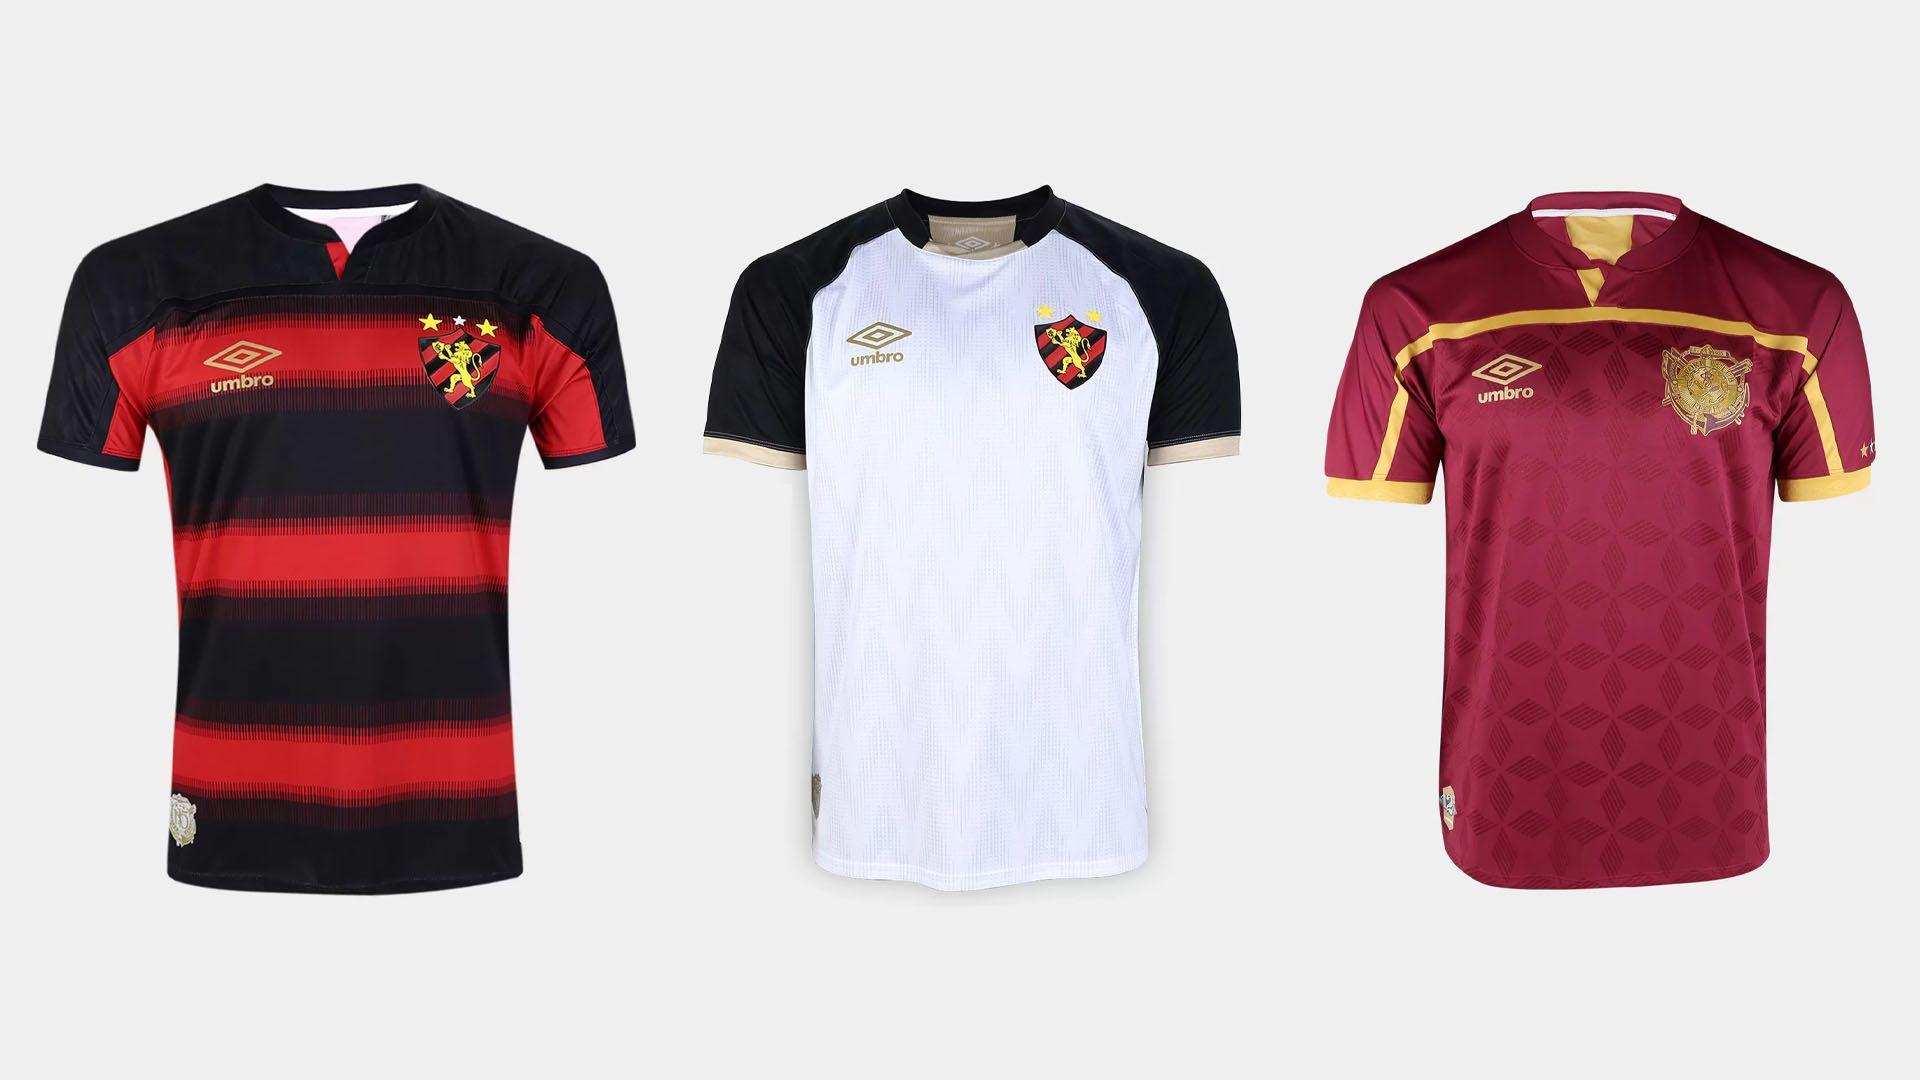 Camisa do Sport 2020 Umbro Jogo 1, 2 e 3 (Imagem: Divulgação/Umbro)